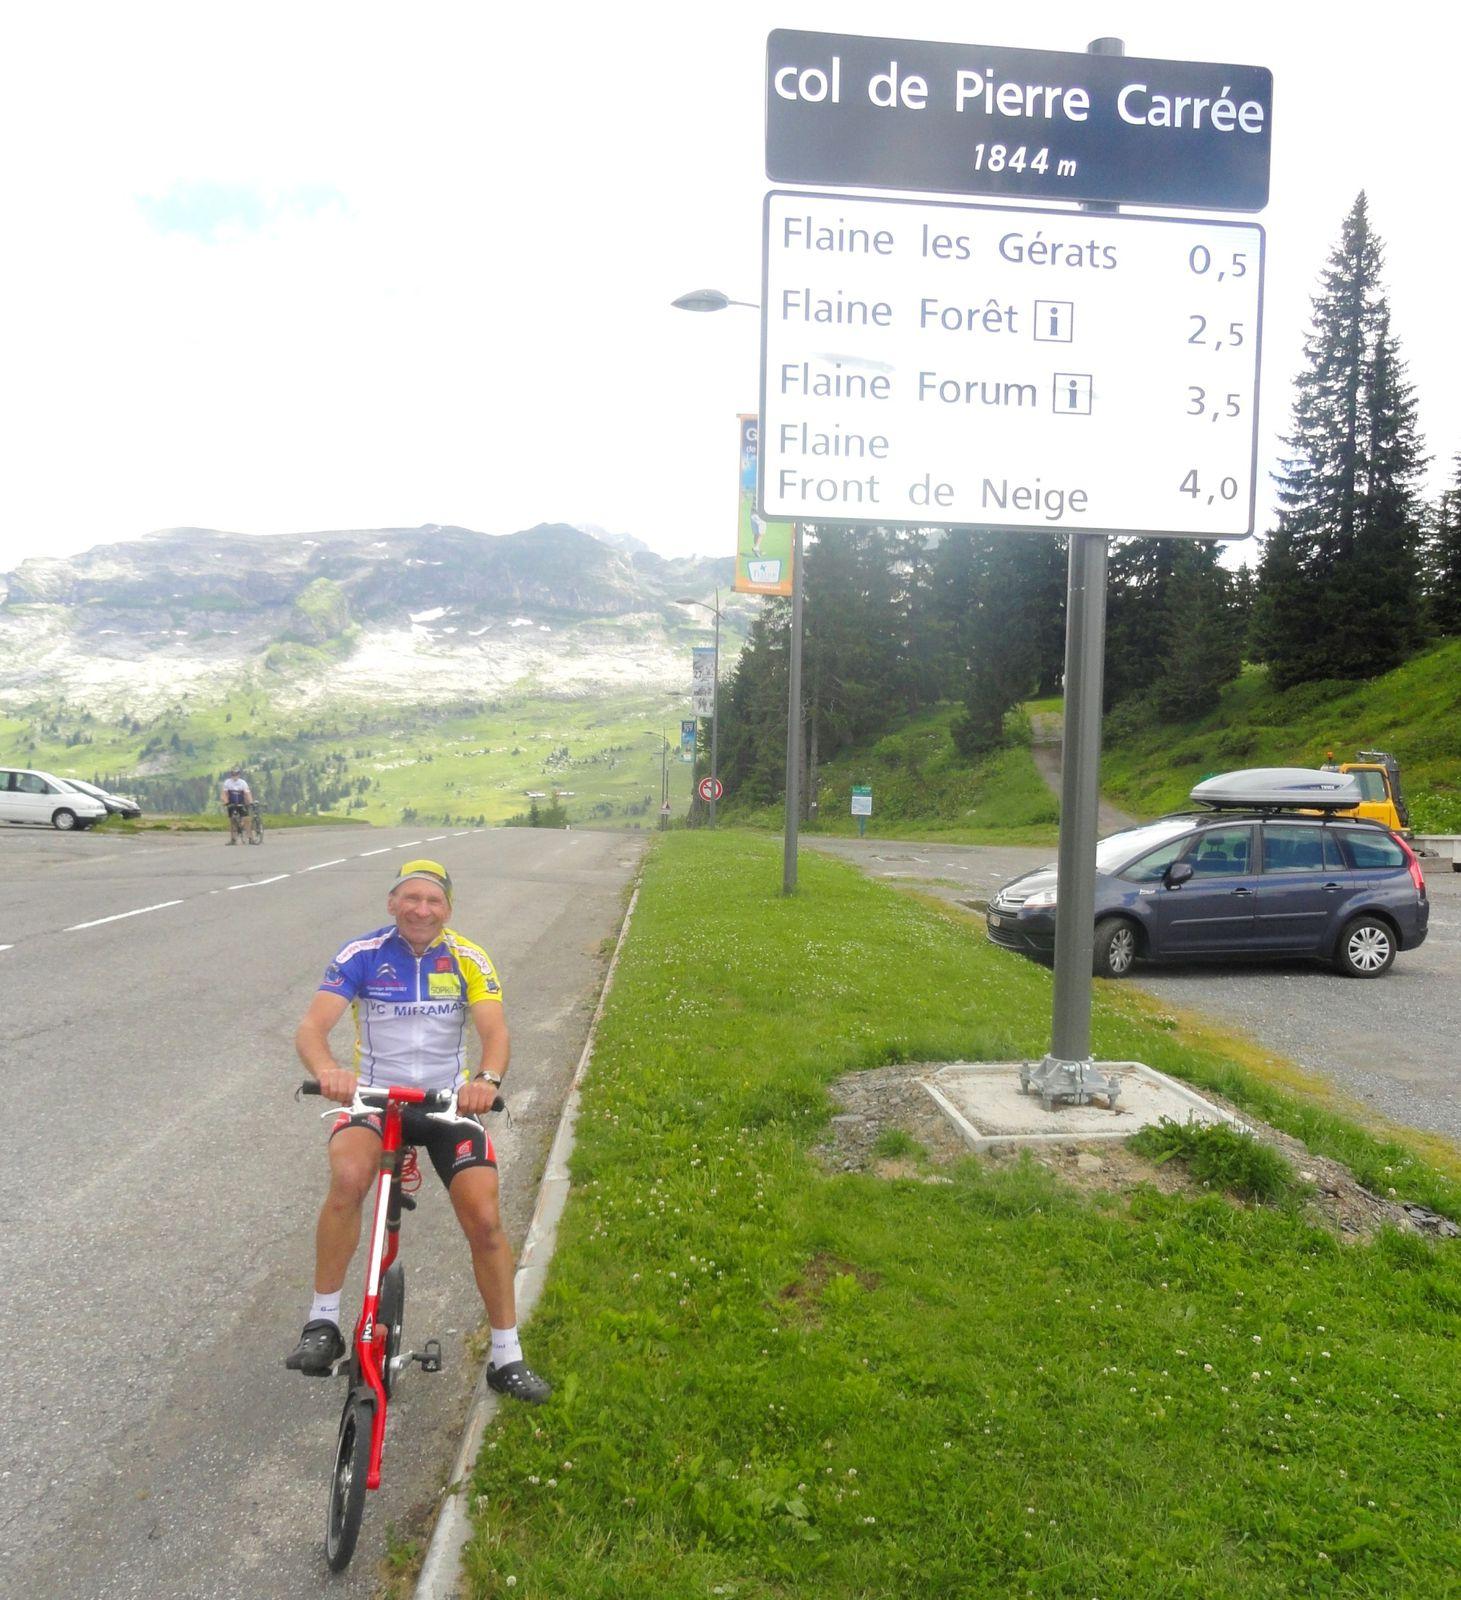 Mes ascensions réussies depuis 2008 .L'Alpe d'Huez par 3 fois , le Mont Ventoux 2 fois , le col des Saisies , le col des Aravis , les Ménuires , le col du Berthiand , le col de Pierre Carrée , la montée de Vaudagne ,lors de la houch'hard ,  la montée de Couchevel , la grimpée de la Côte 2000 , lors de la course . ..